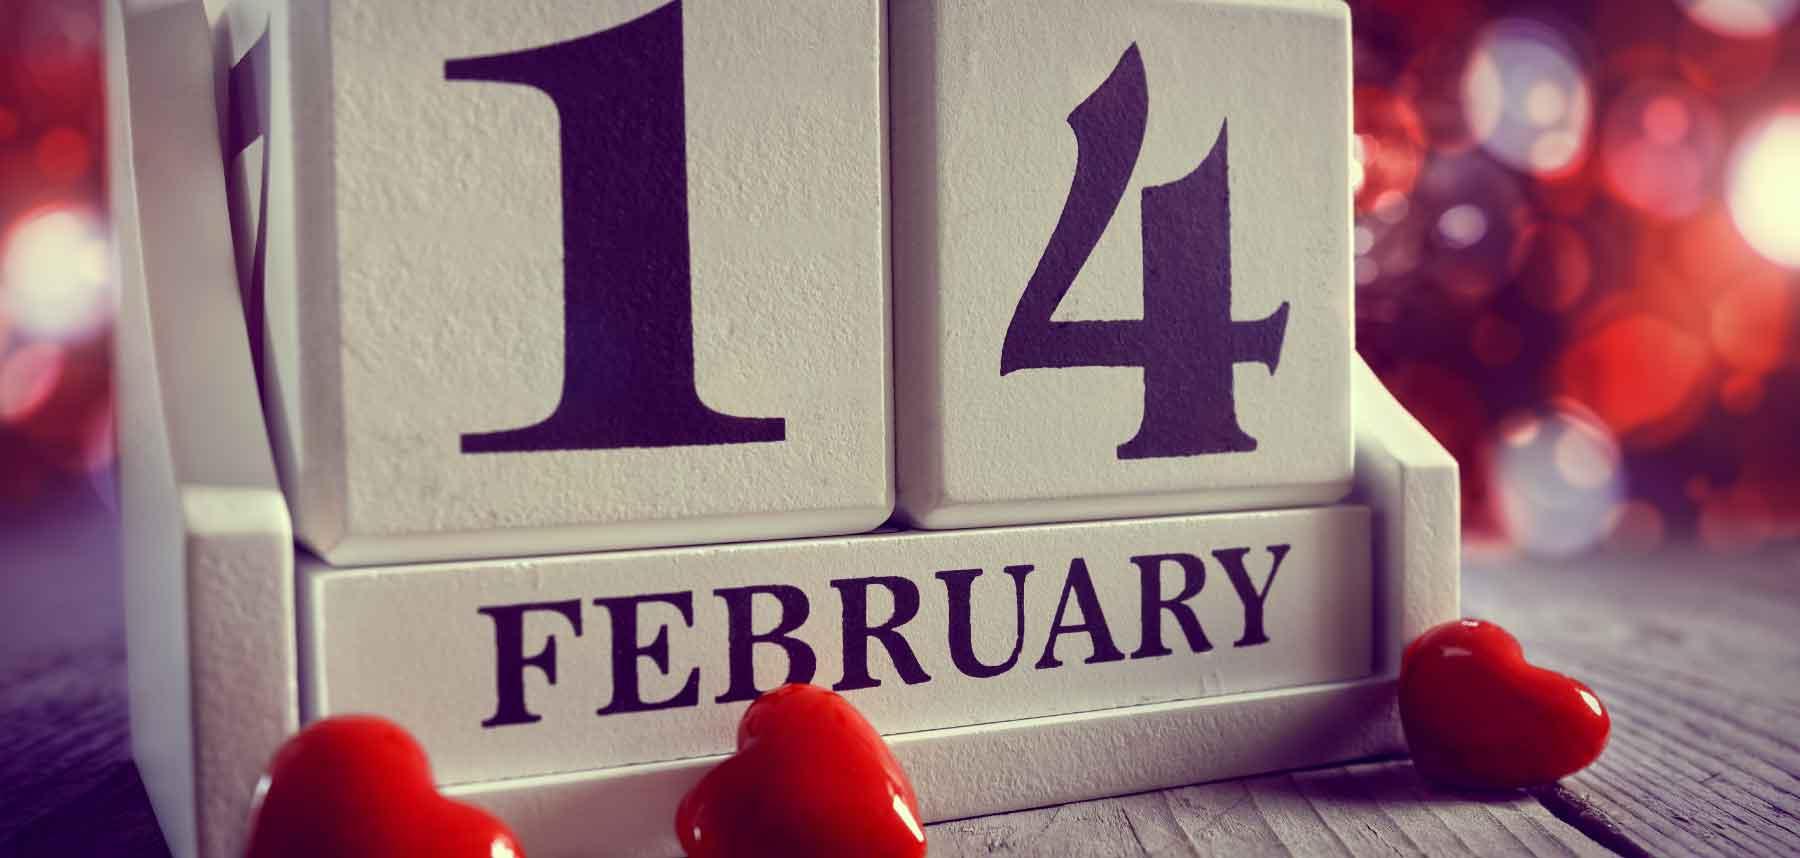 QUEL GIORNO 14 febbraio san valentino festa degli innamorati Simona Muscari specializzata in MatchMaking tra coppie di alto livello Luxury Italy